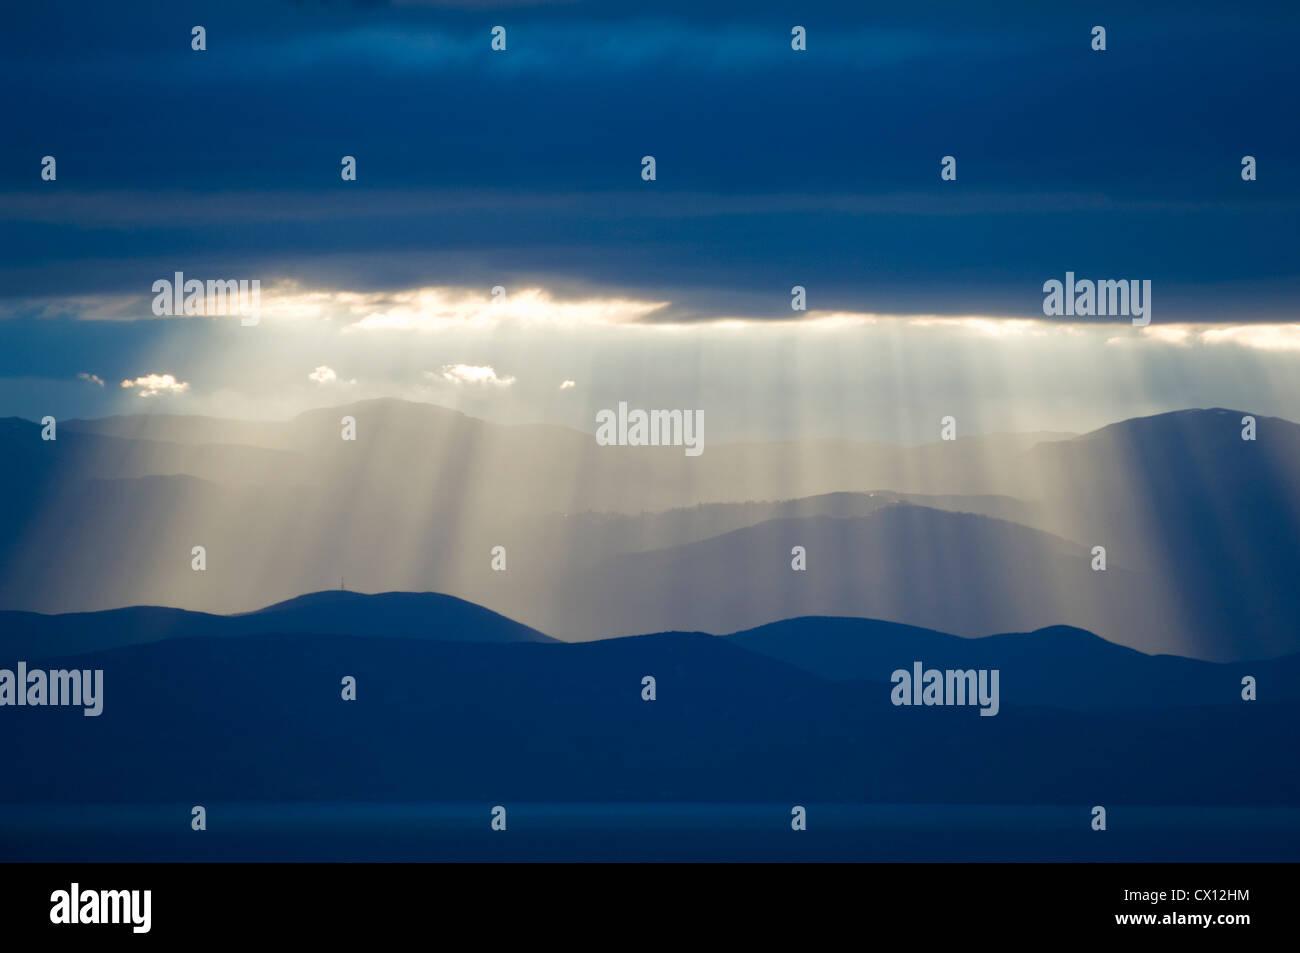 Panorama Blick auf die Berge am Pagasitischen Golf (Halbinsel Pilion, Thessalien, Griechenland) Stockbild